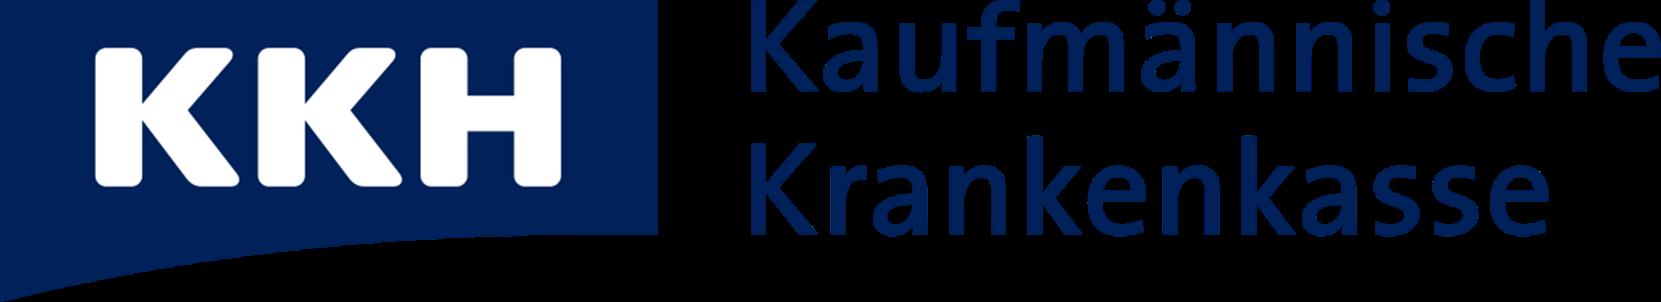 www.kkh.de